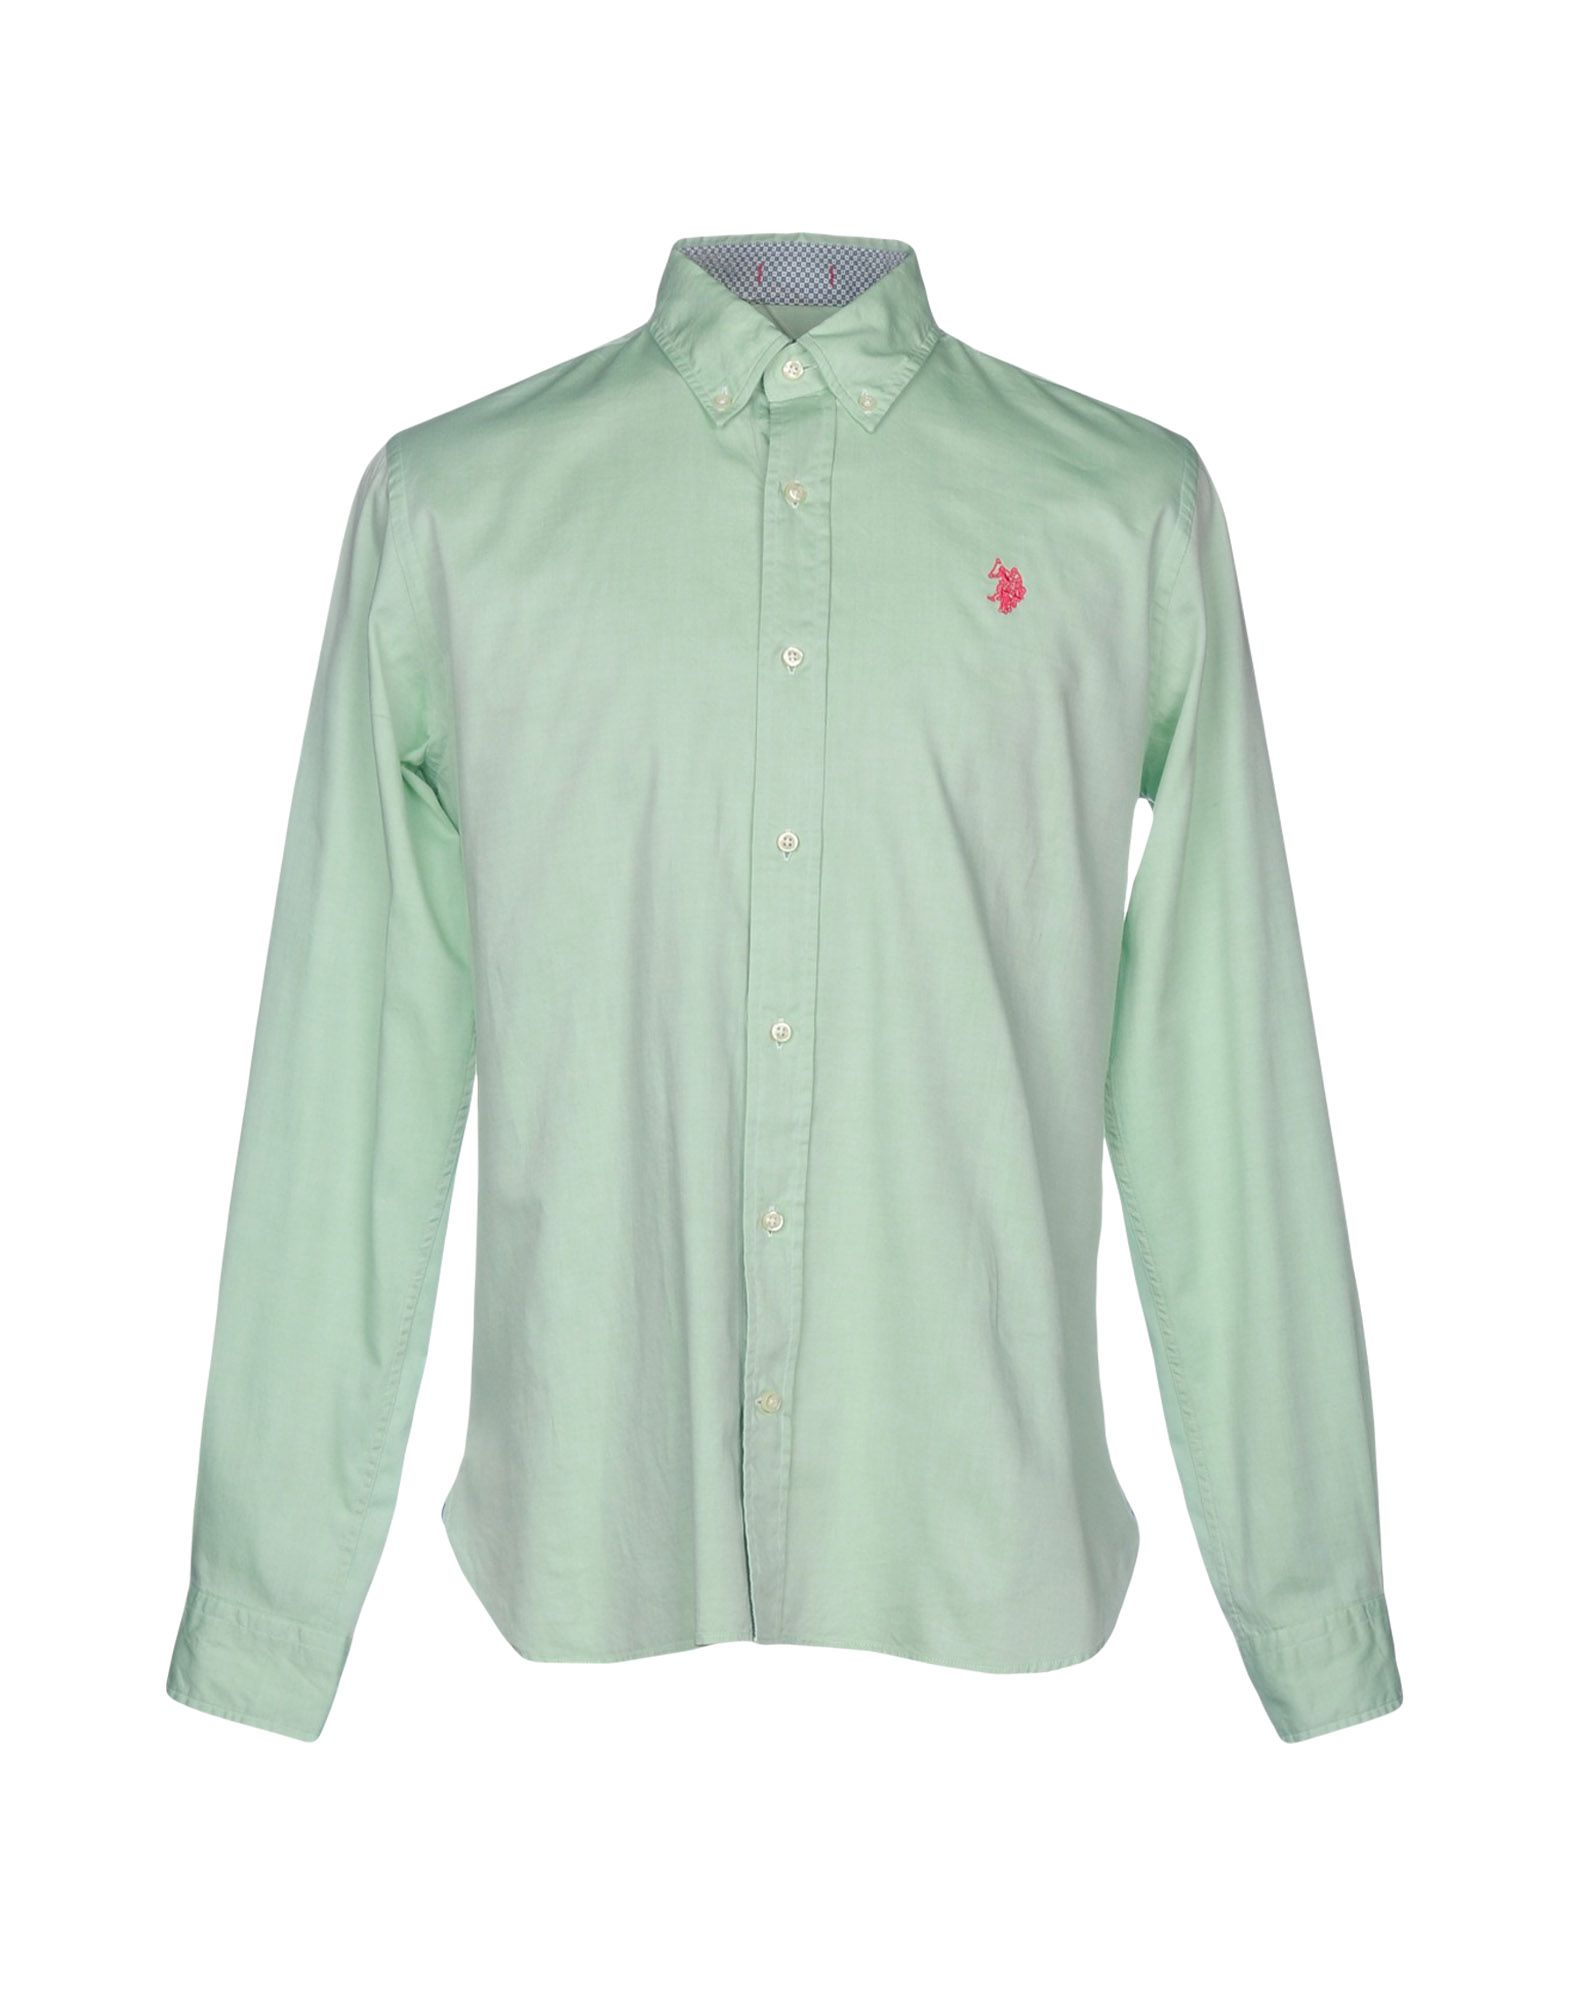 《送料無料》U.S.POLO ASSN. メンズ シャツ ライトグリーン M コットン 100%